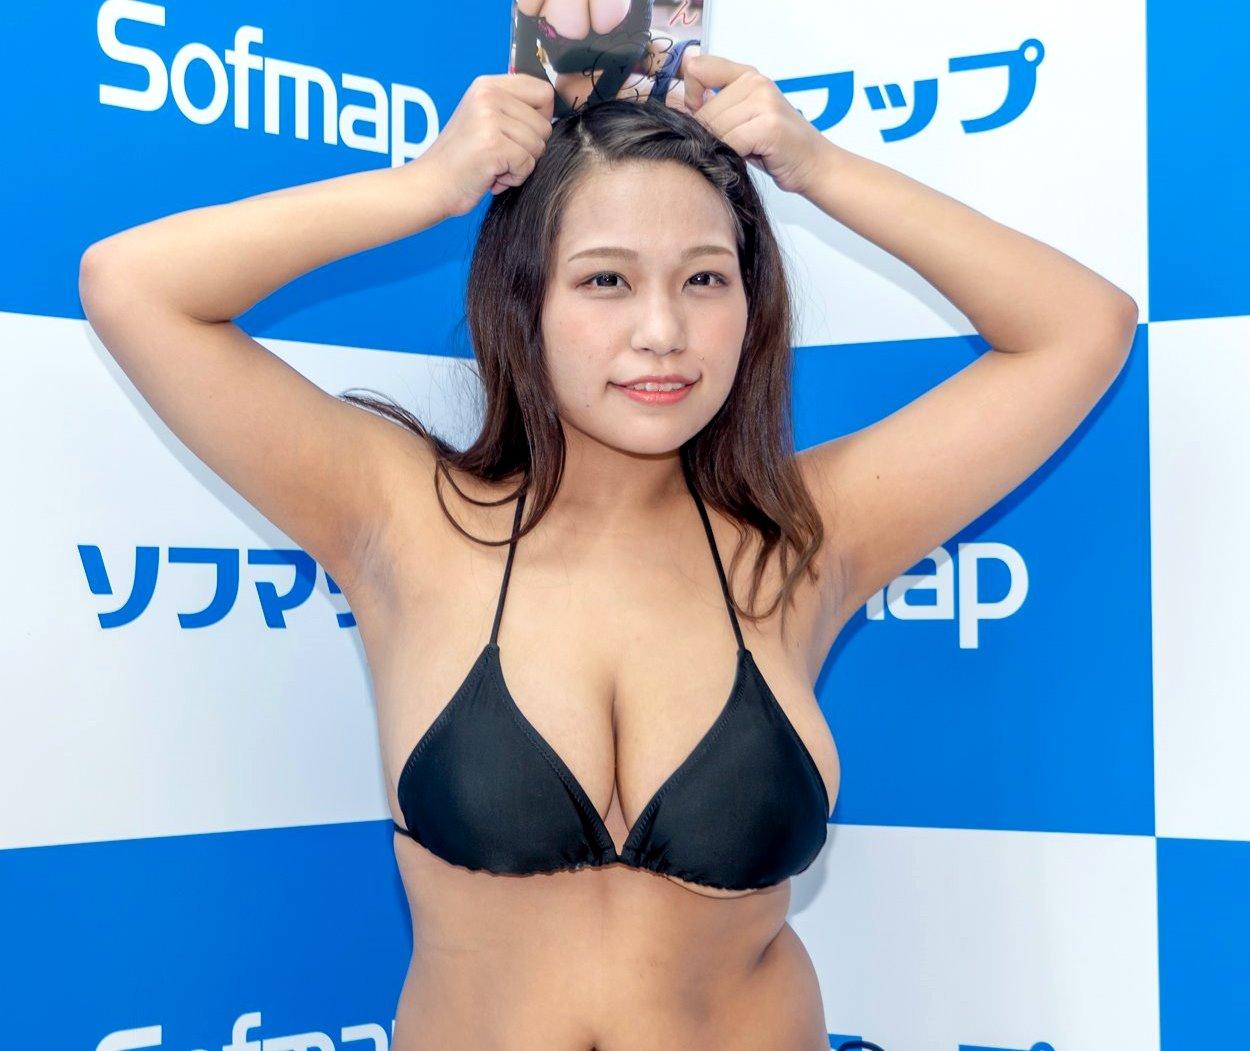 ふわみんの変色腋 (6)